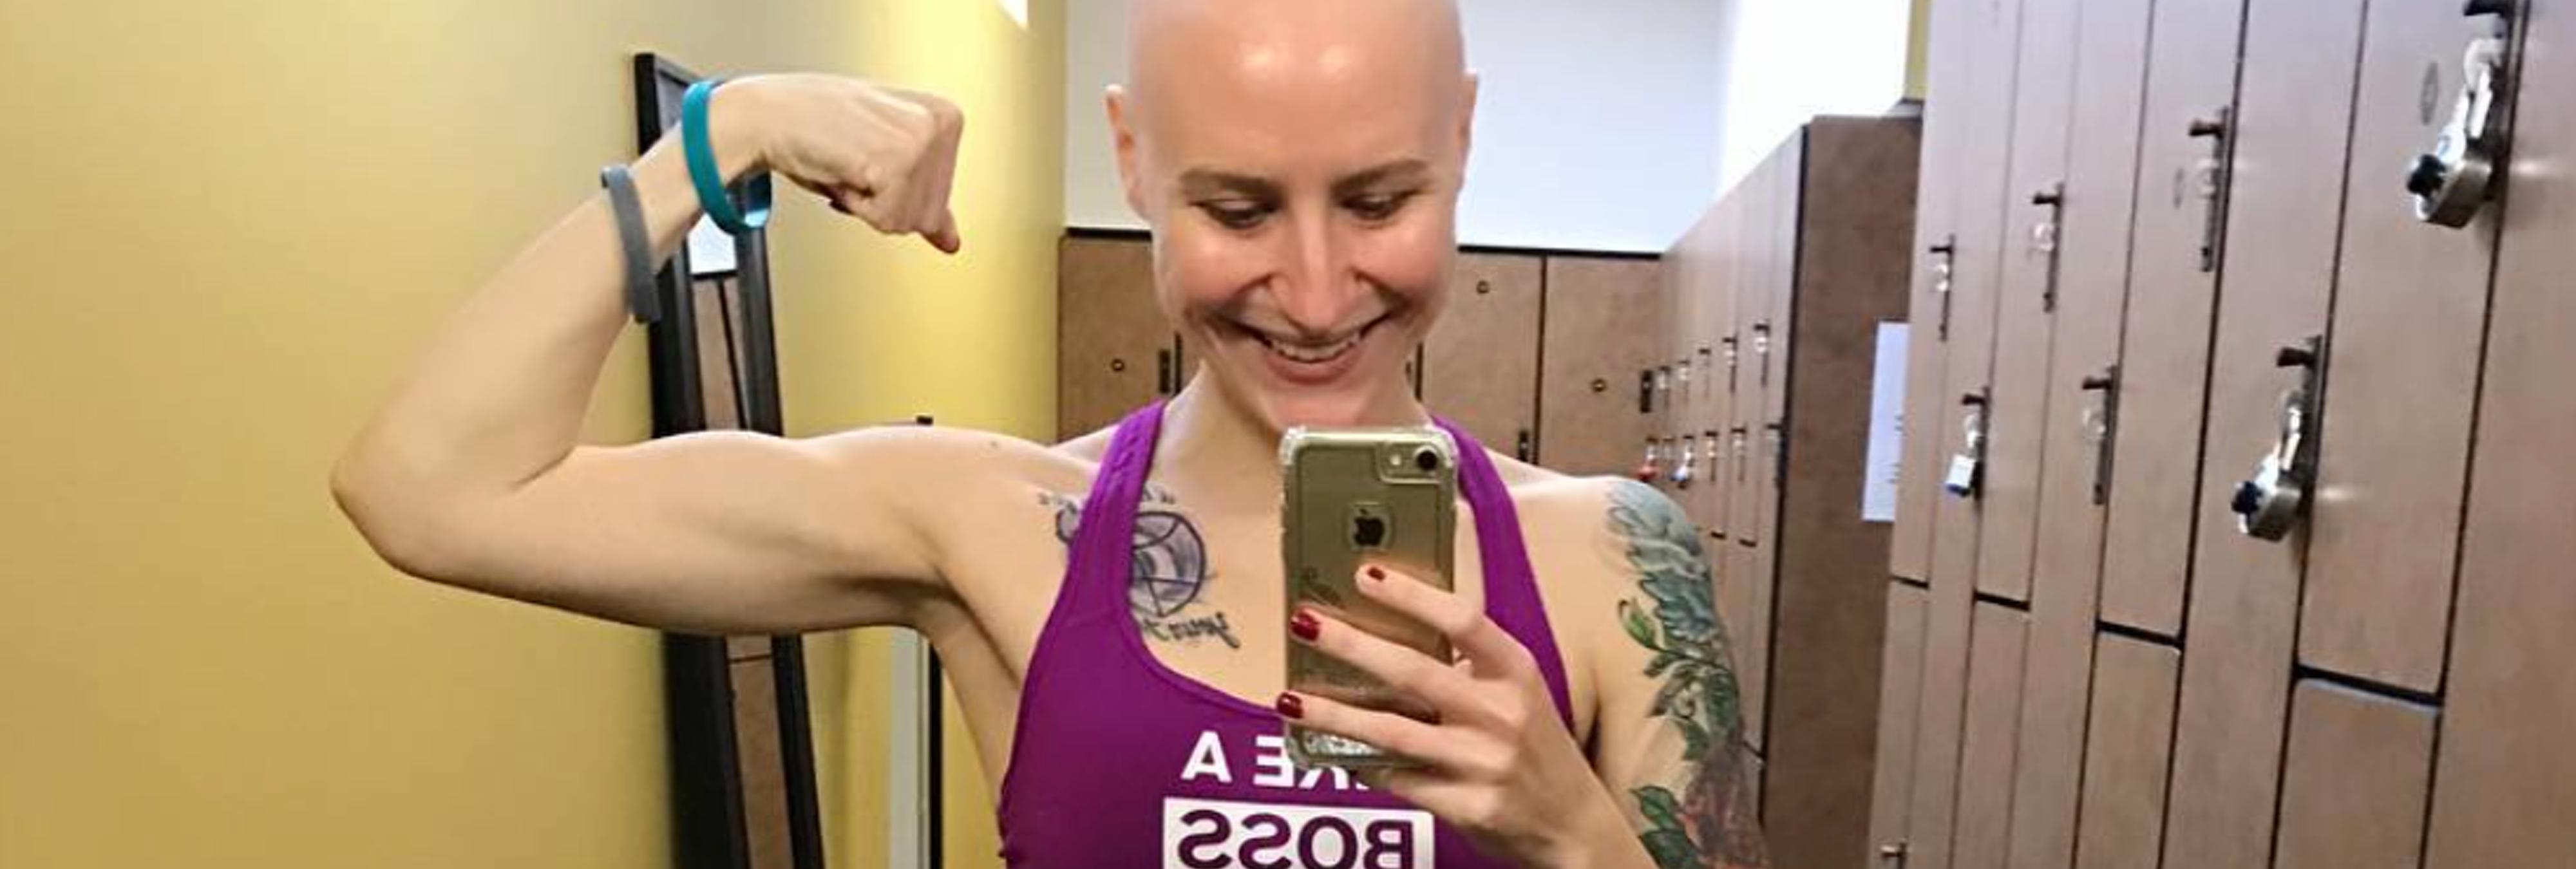 Una joven culturista muestra las consecuencias del cáncer en el cuerpo